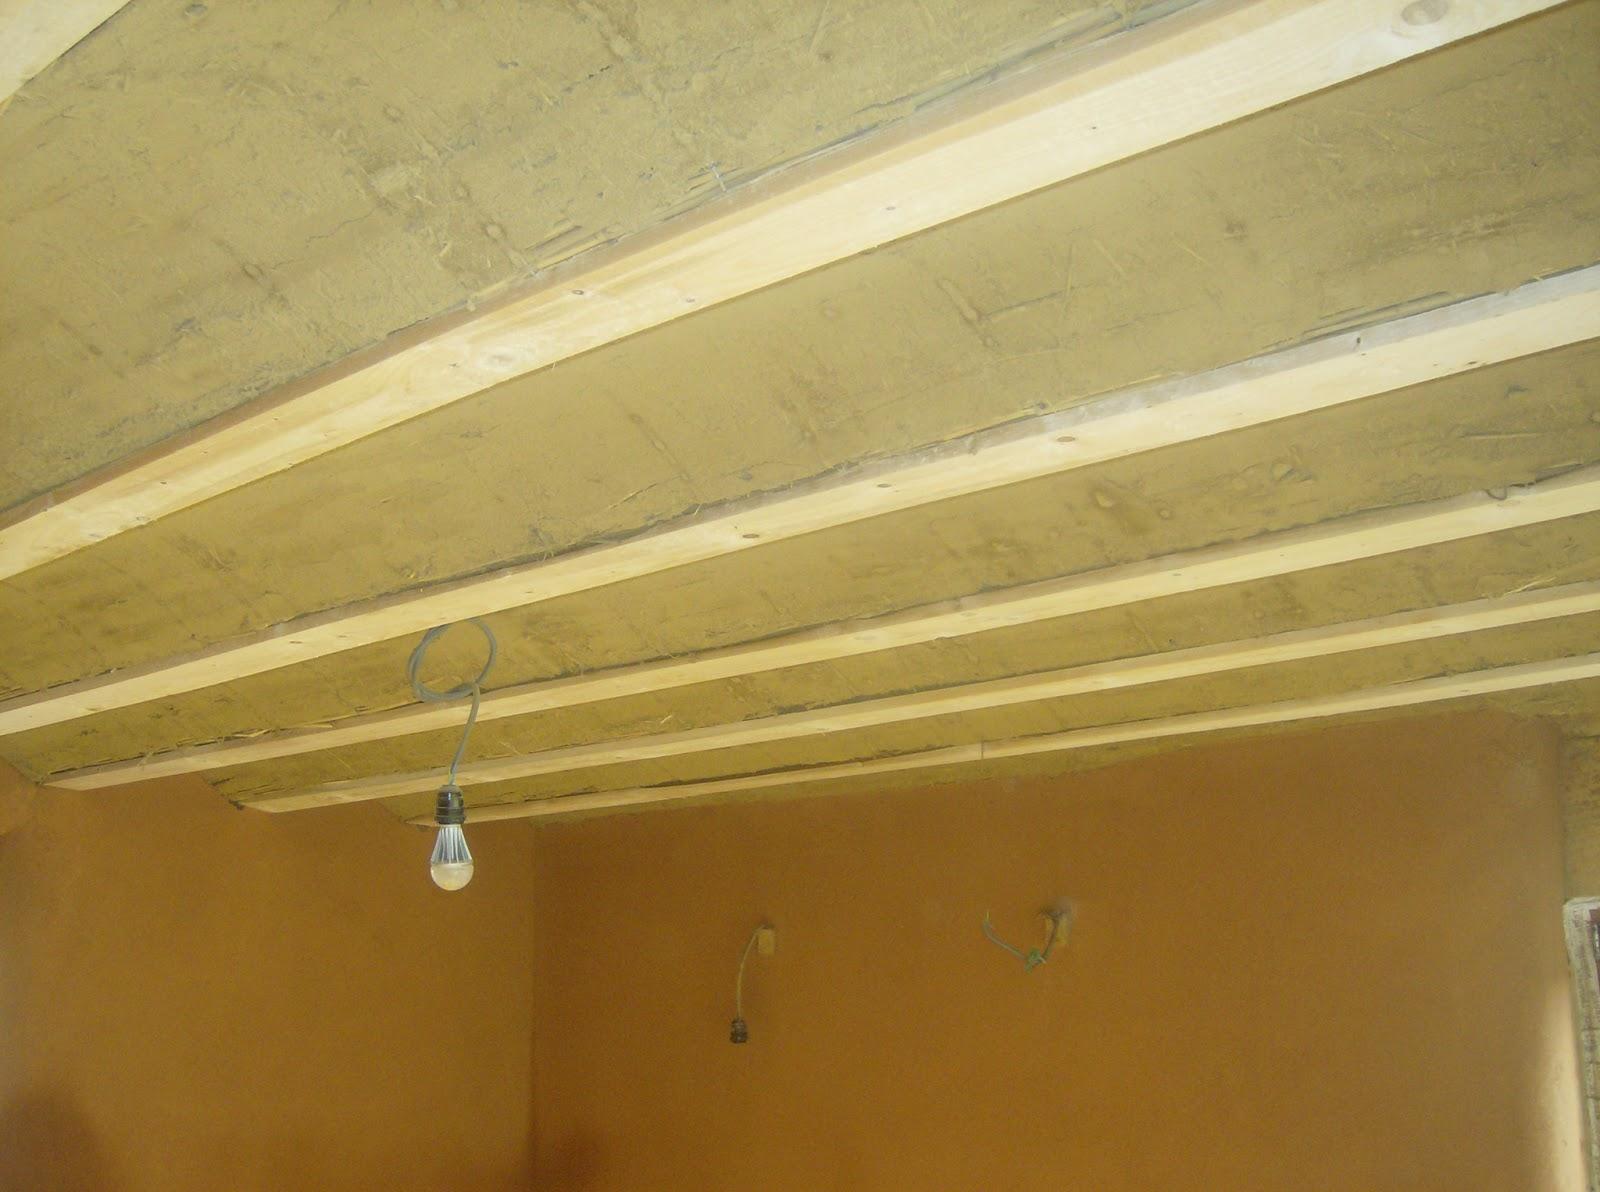 plafond vo t enduit l 39 argile passez l 39 antenne. Black Bedroom Furniture Sets. Home Design Ideas